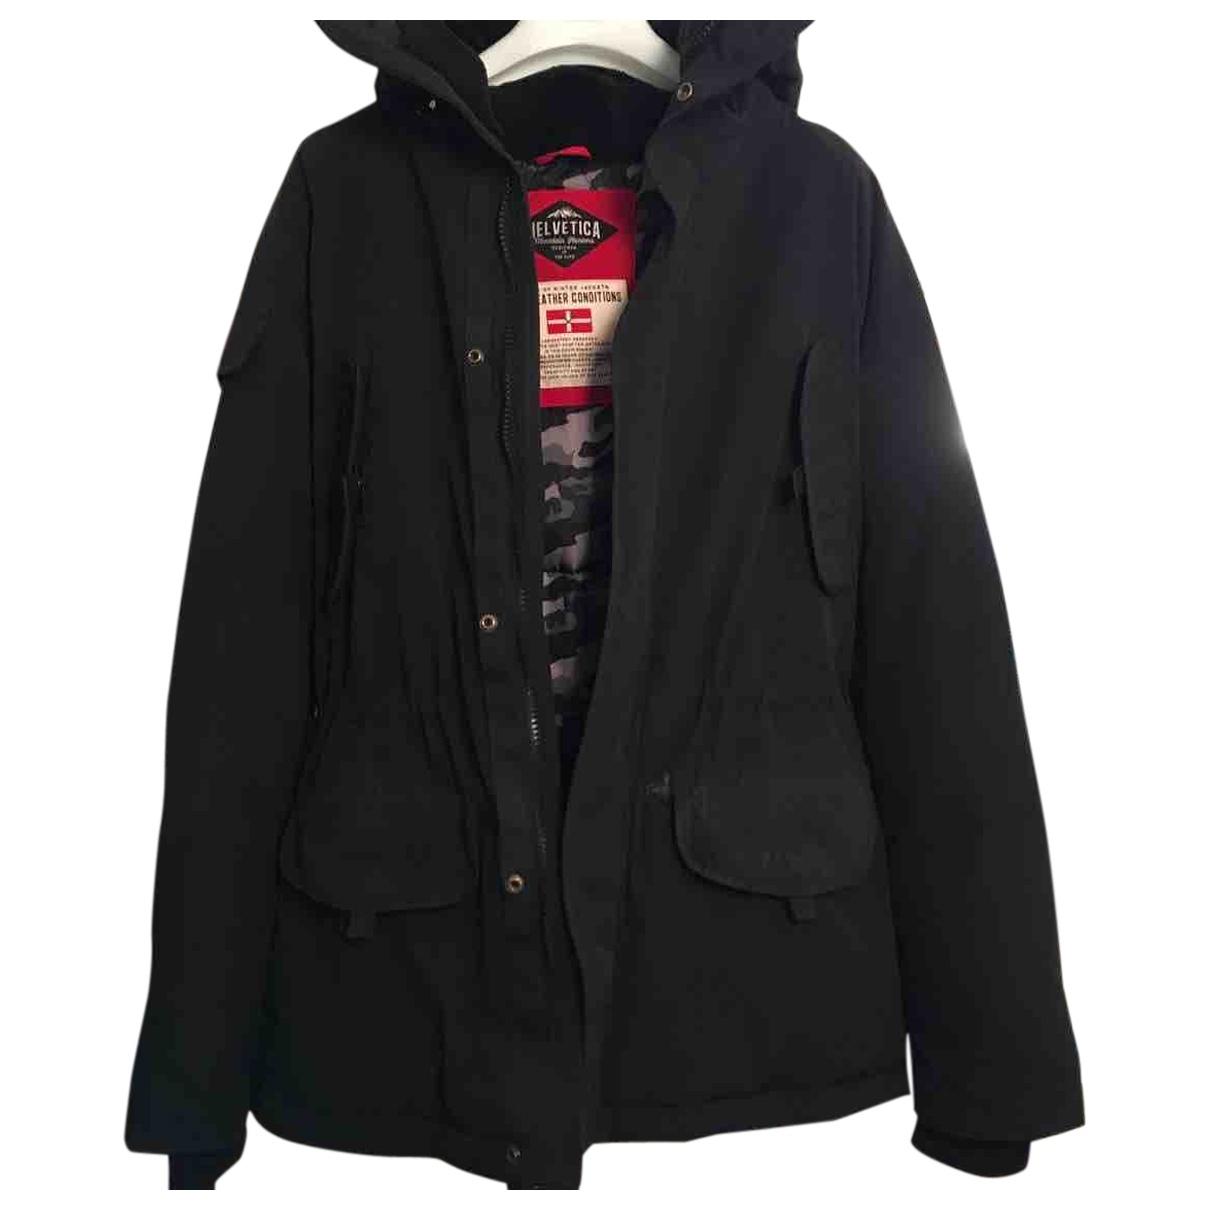 Helvetica - Manteau   pour homme en toile - marine